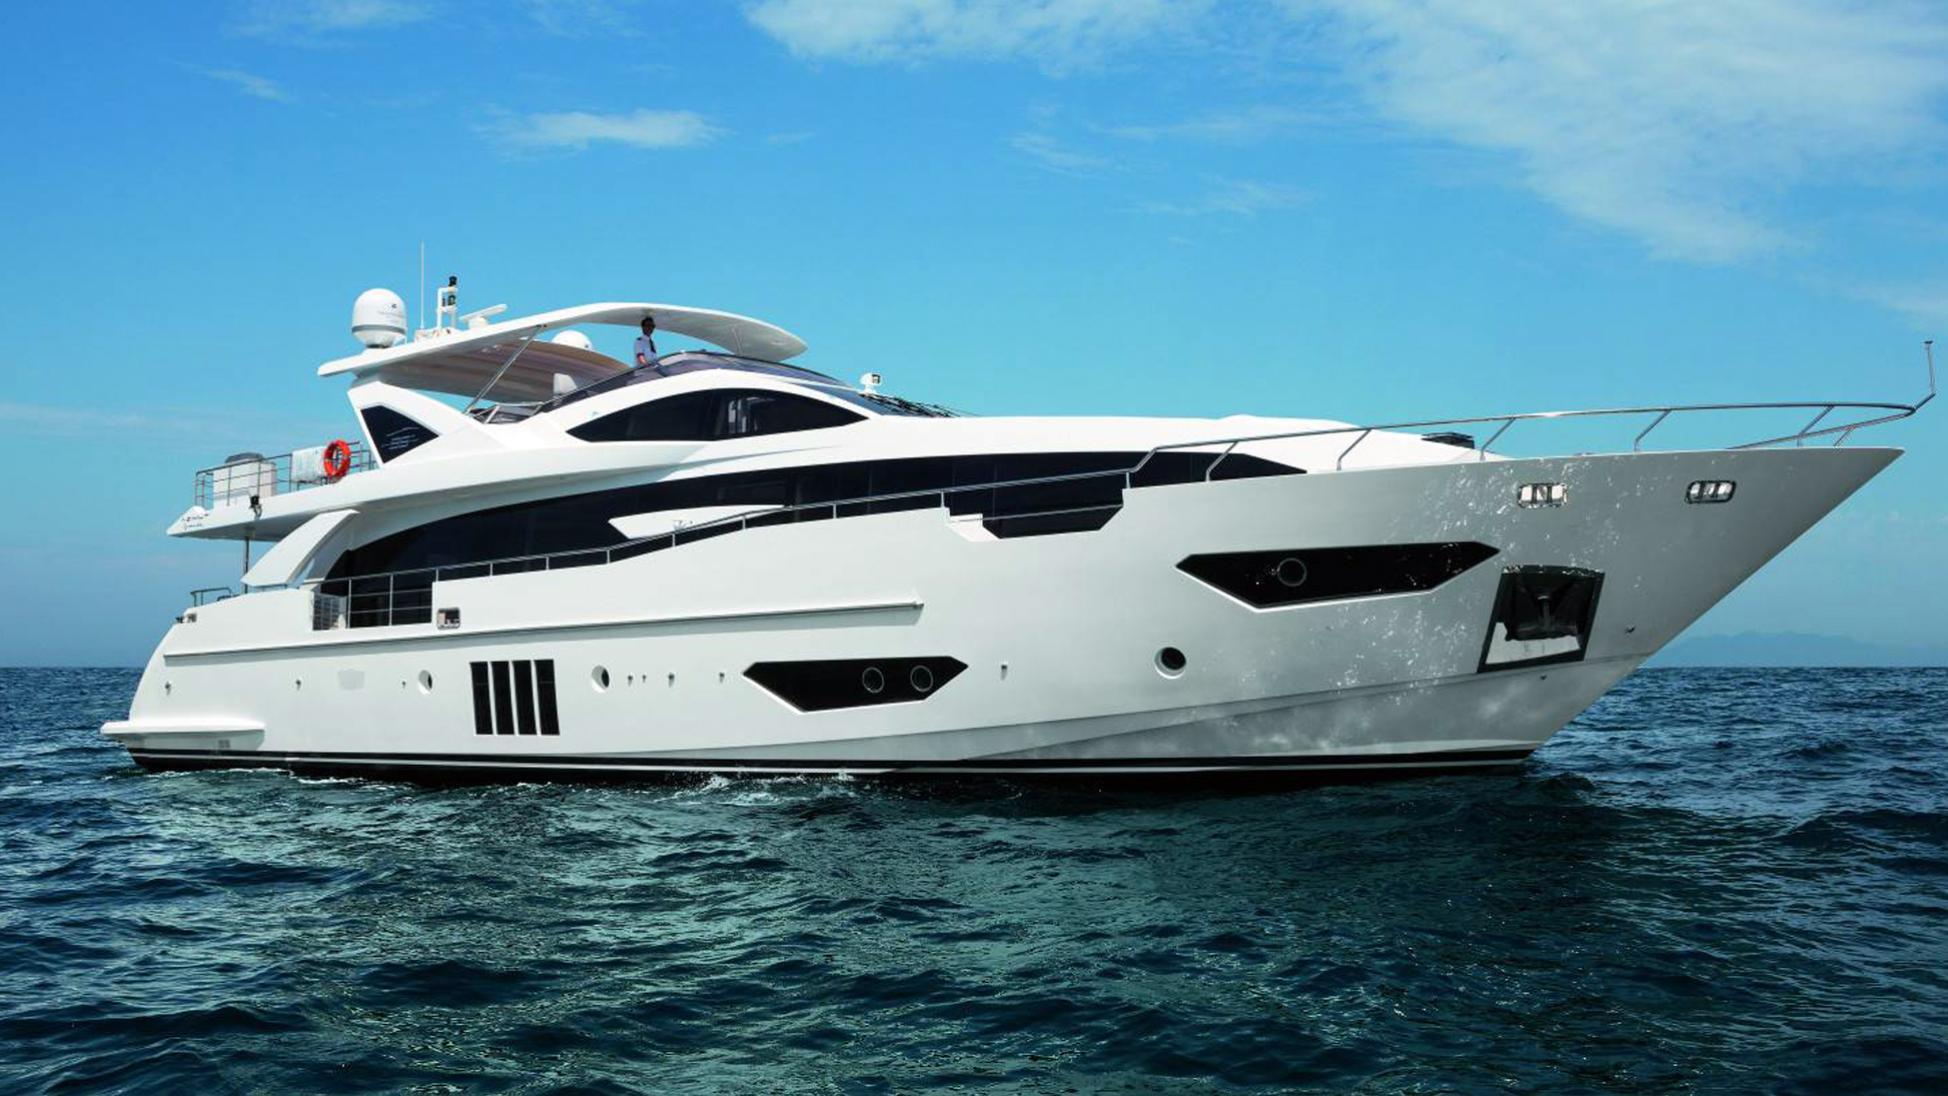 azimut-motor-yacht-95-rph-14-2014-29m-profile